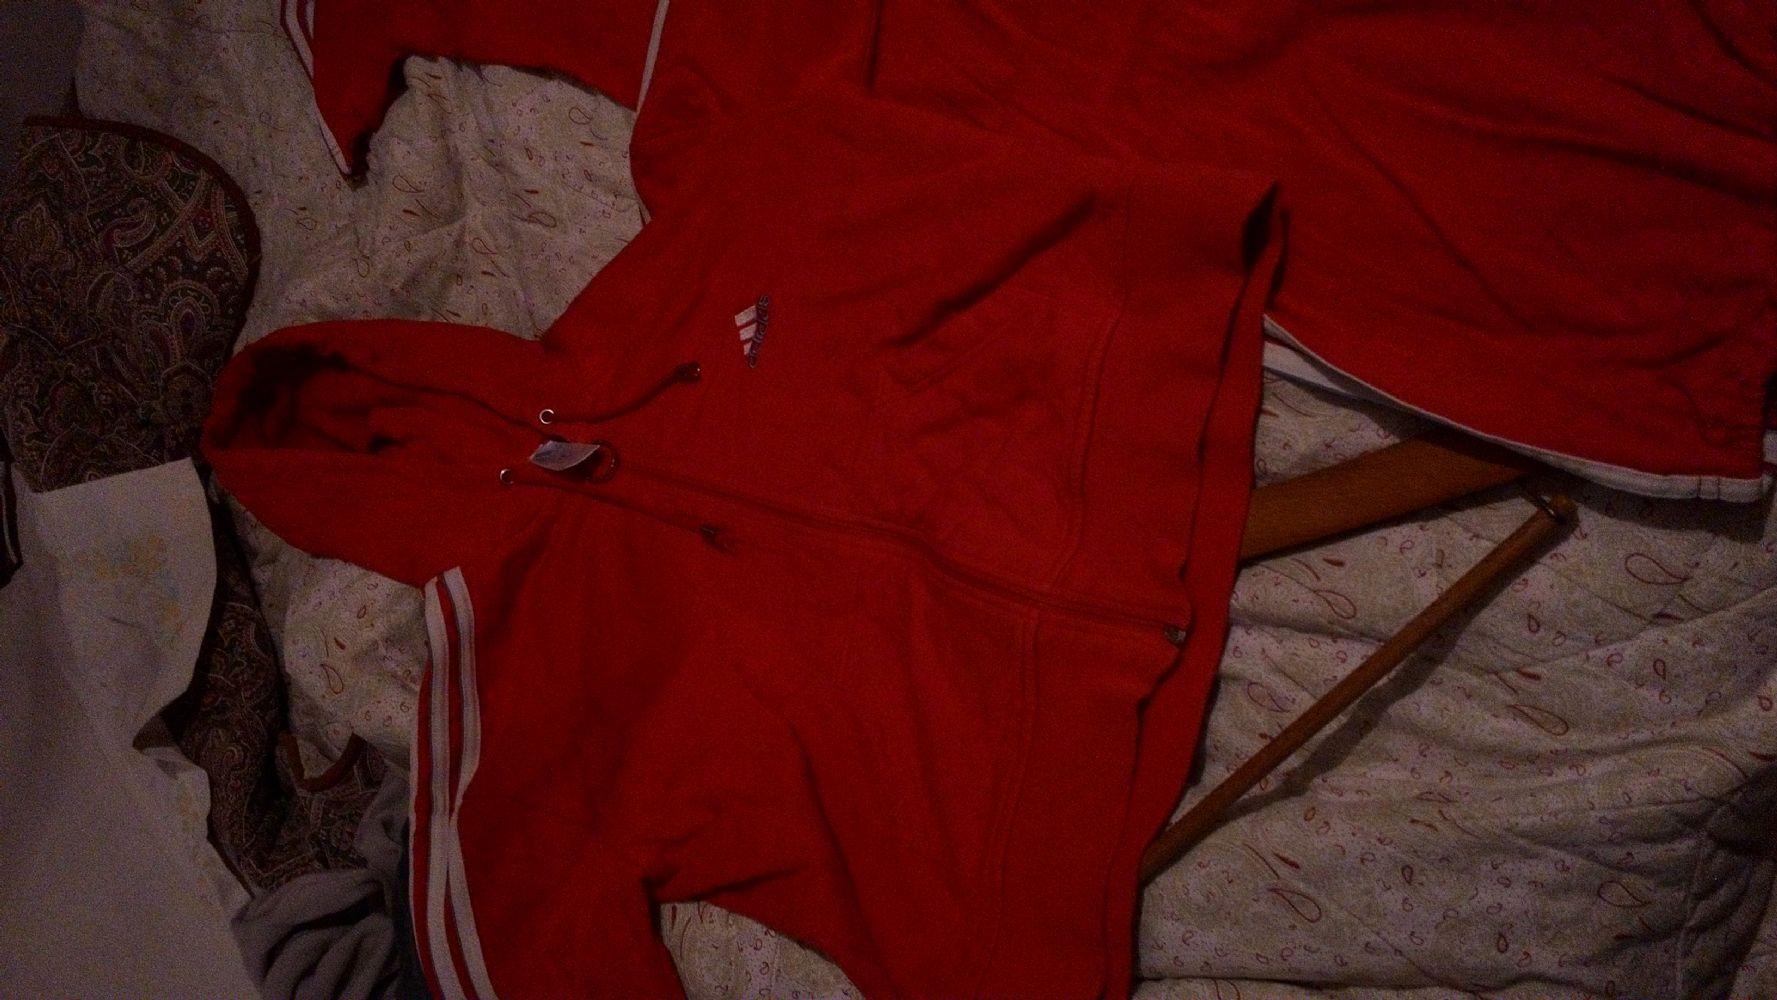 Completa Barattoscambio Barattoscambio Tuta Adidas Abbigliamentoabbigliamento Completa Tuta Adidas Barattoscambio Abbigliamentoabbigliamento AFqUw6S6f